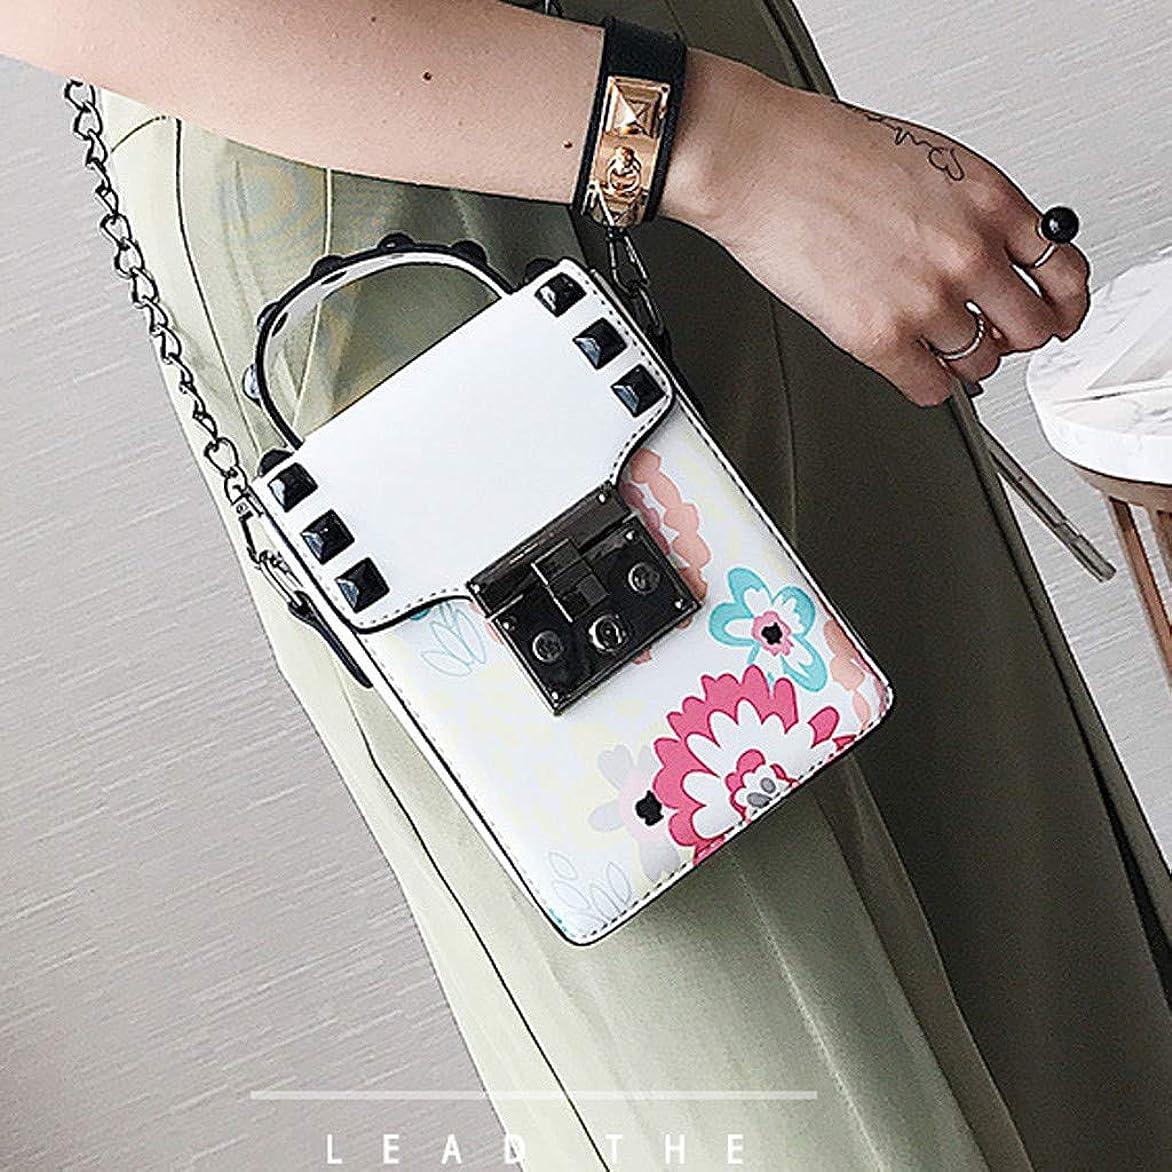 見つけたクスクス六月女性印刷リベットチェーンショルダーバッグレディースキャンパススタイルクロスボディバッグ、ファッショントレンド新しいクロスボディバッグ、チェーンレディース小さなバッグ、プリントパターントレンド小さな財布 (白)